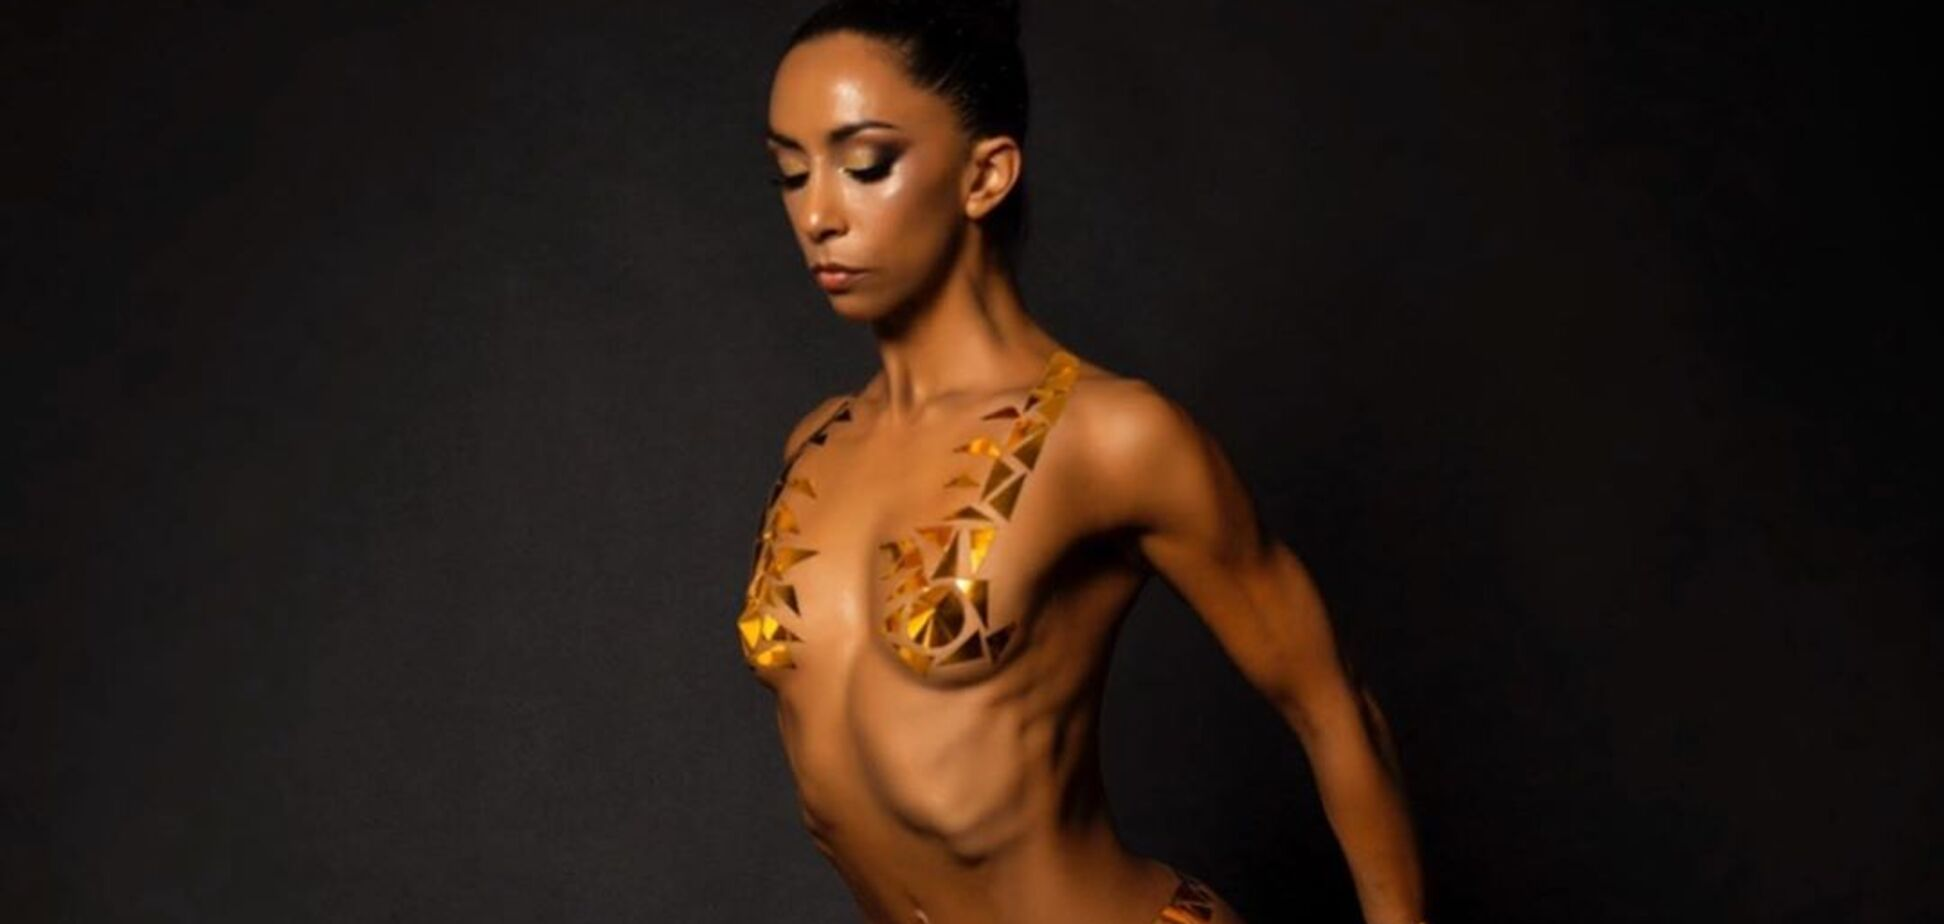 Голая гимнастка поразила сеть невероятной фотосессией